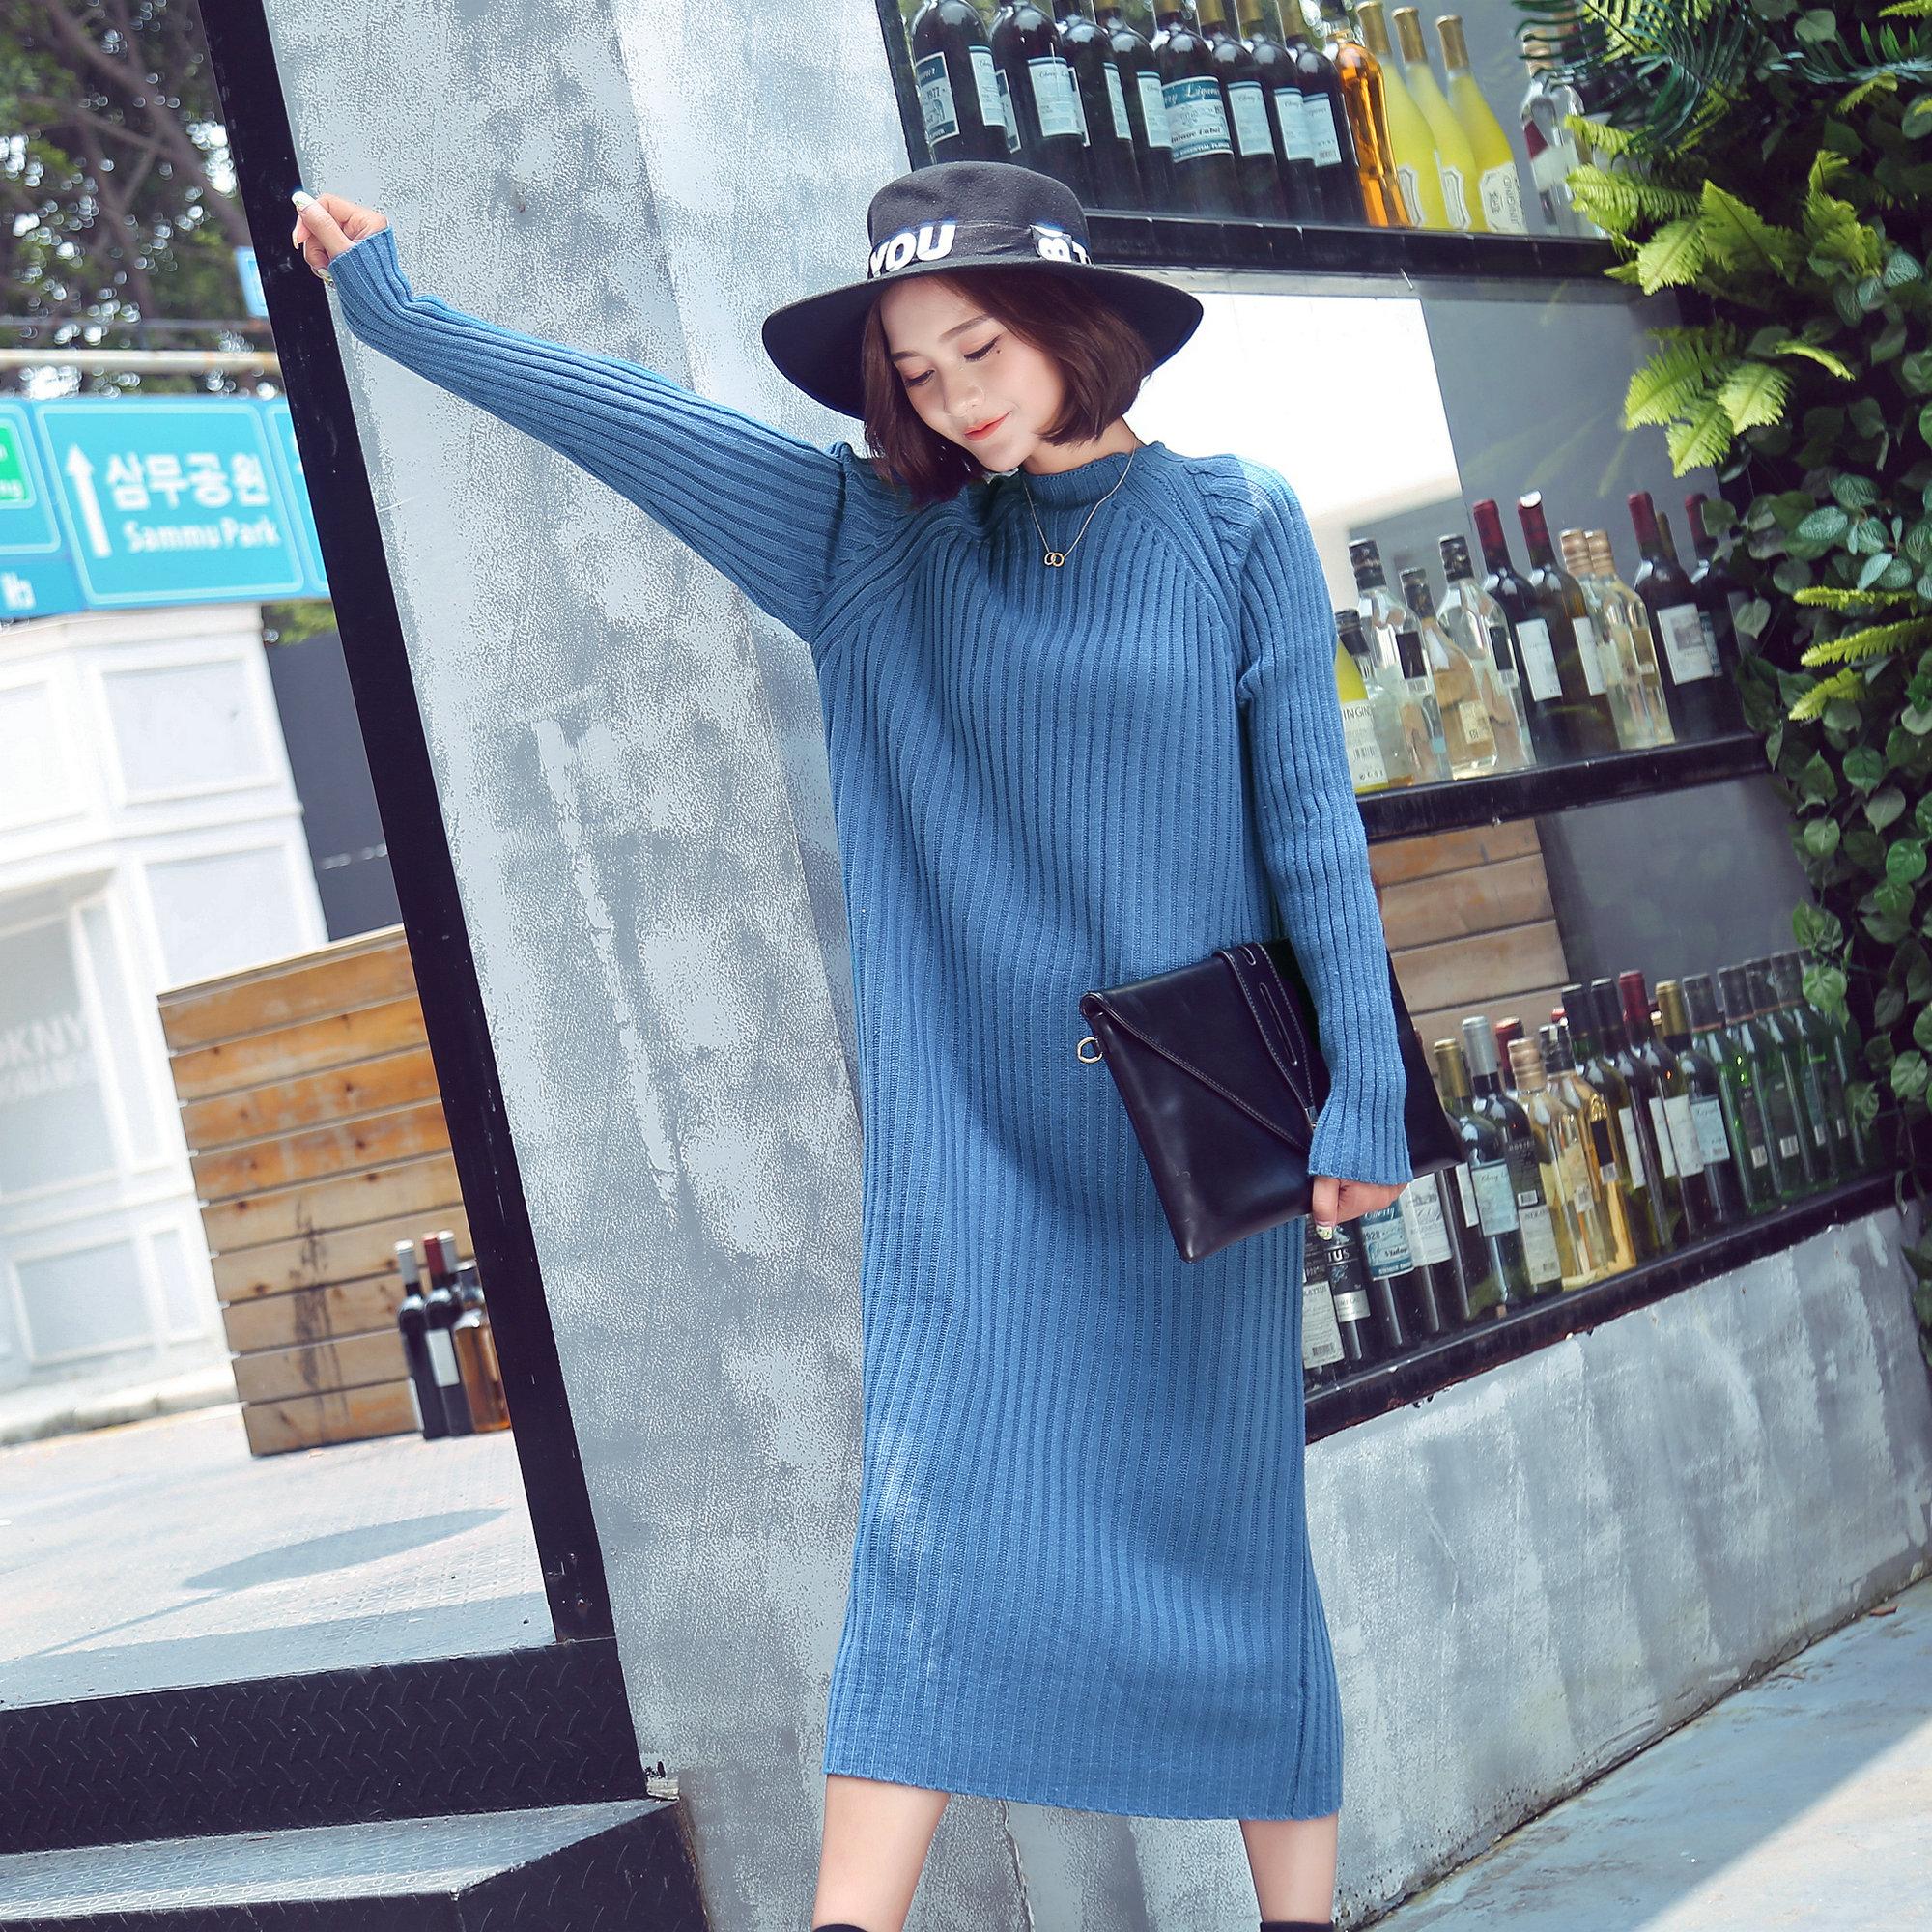 秋冬新款韩版圆领套头加厚大码宽松过膝超长打底针织毛衣女连衣裙